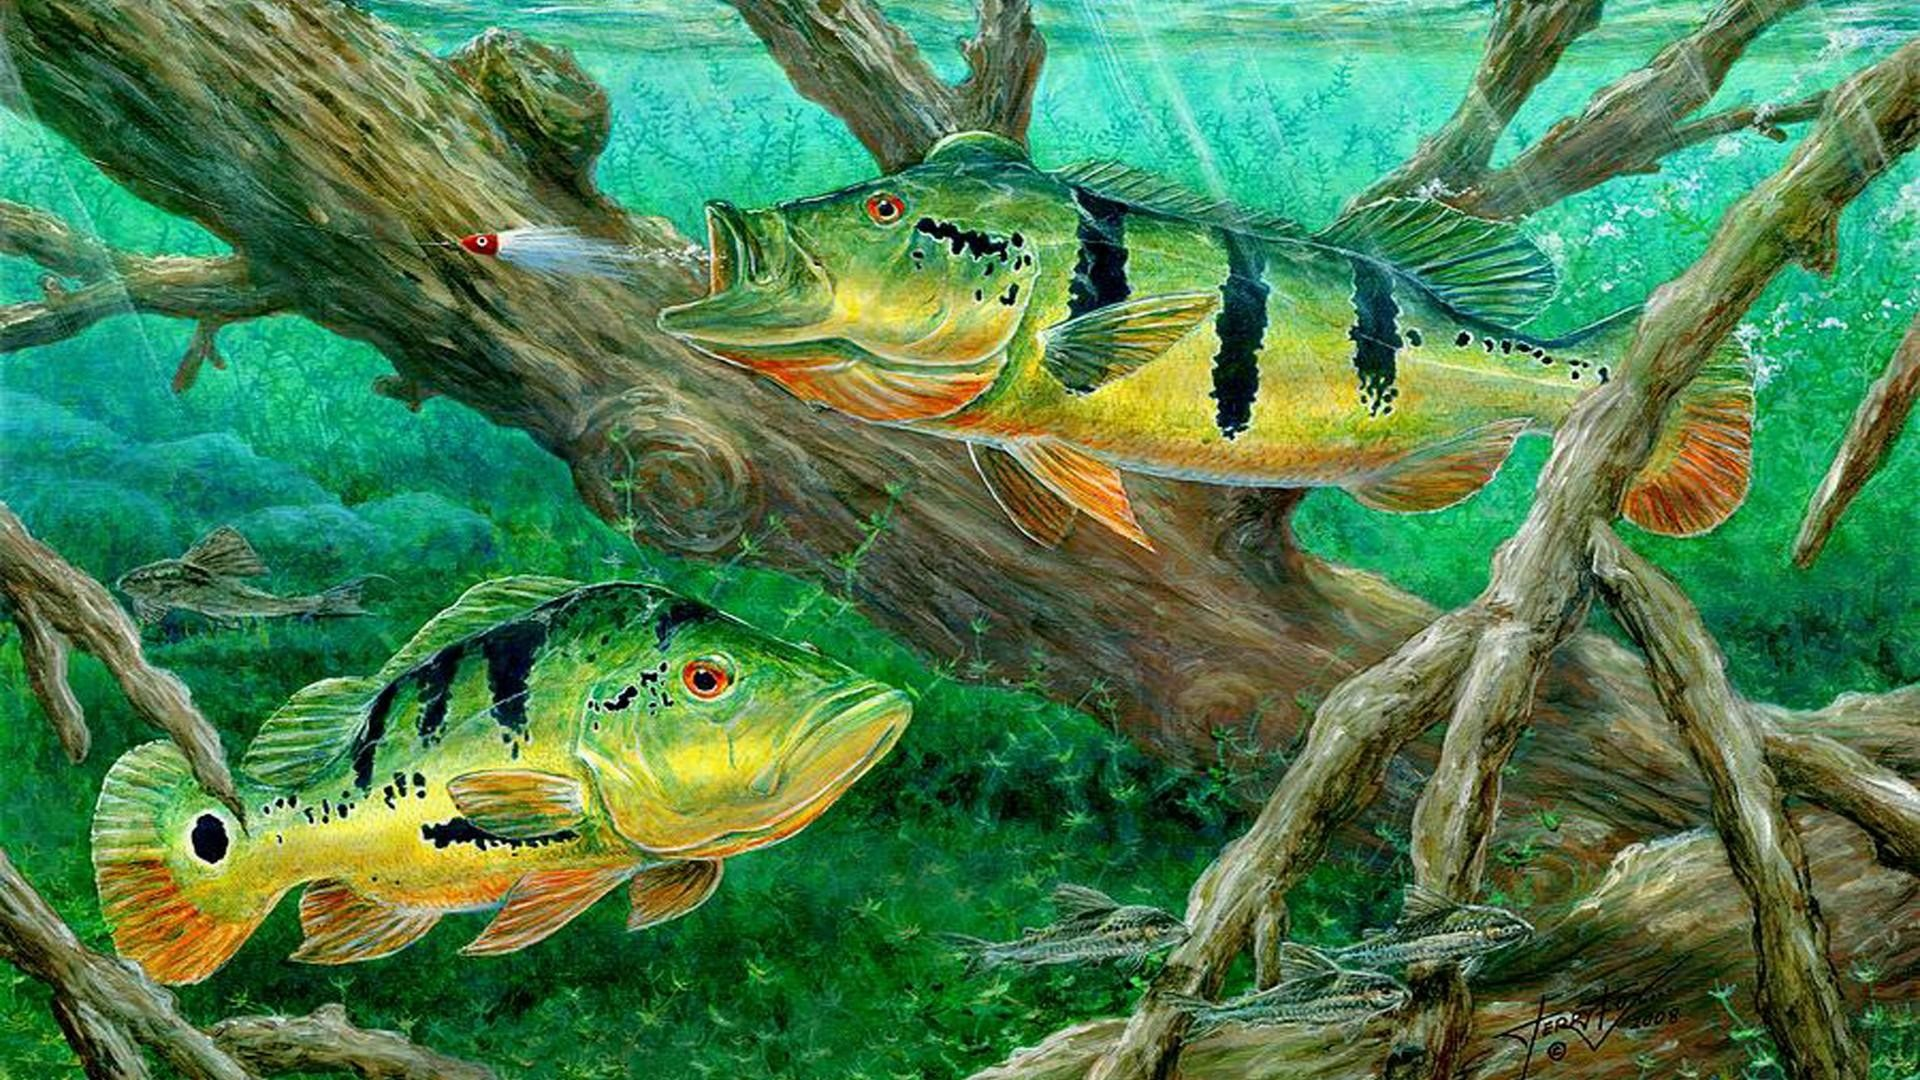 bass-fishing-wallpapers-hd-9